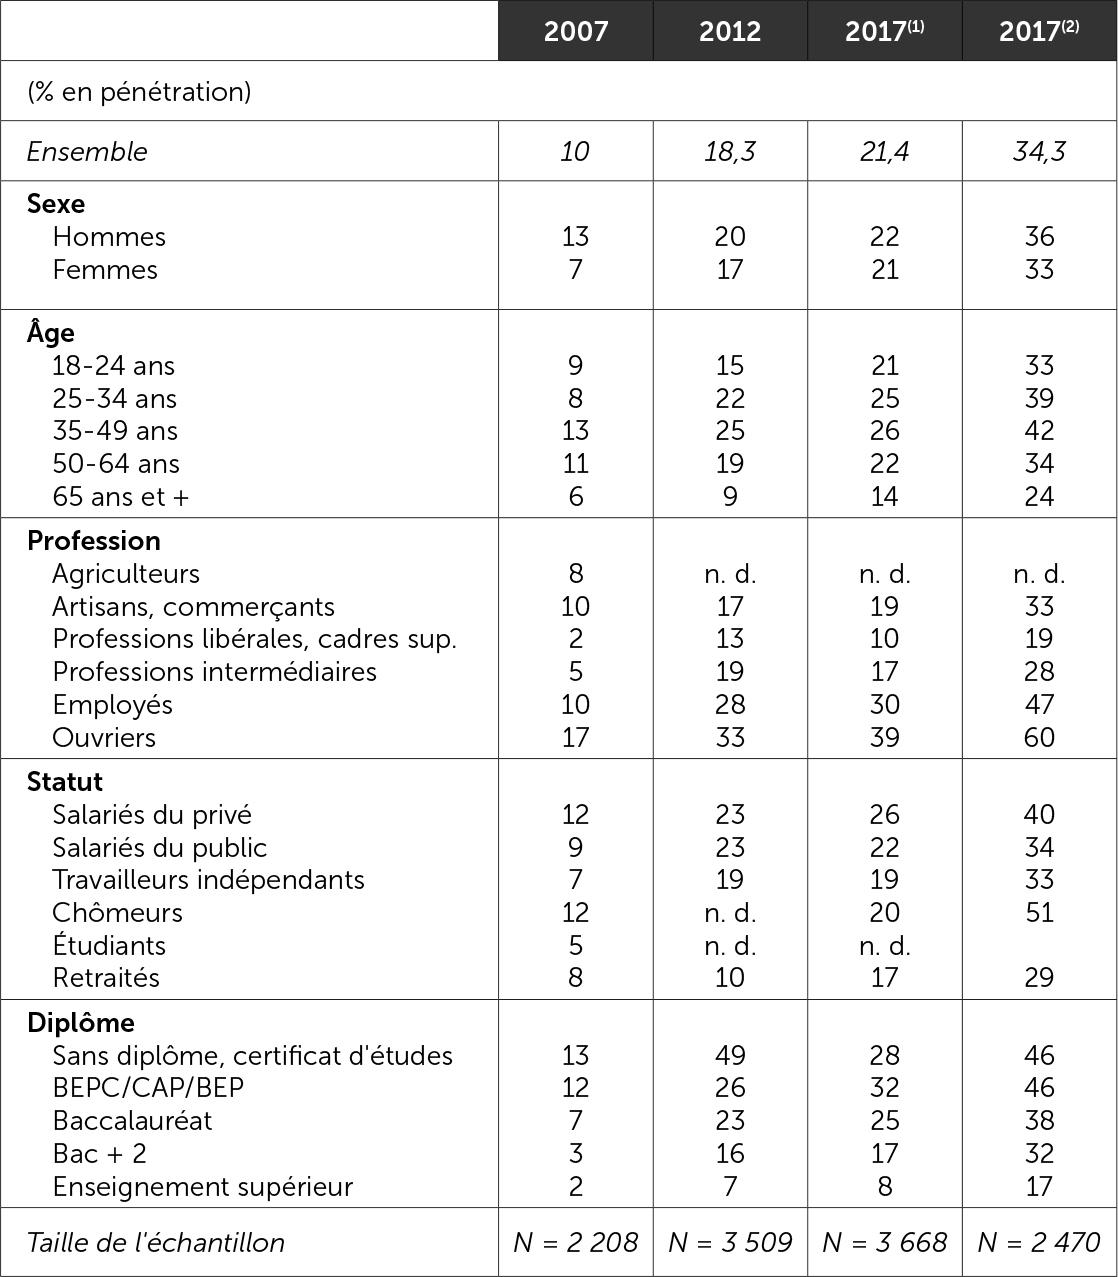 Sociologie de l'électorat FN (2007-2017)